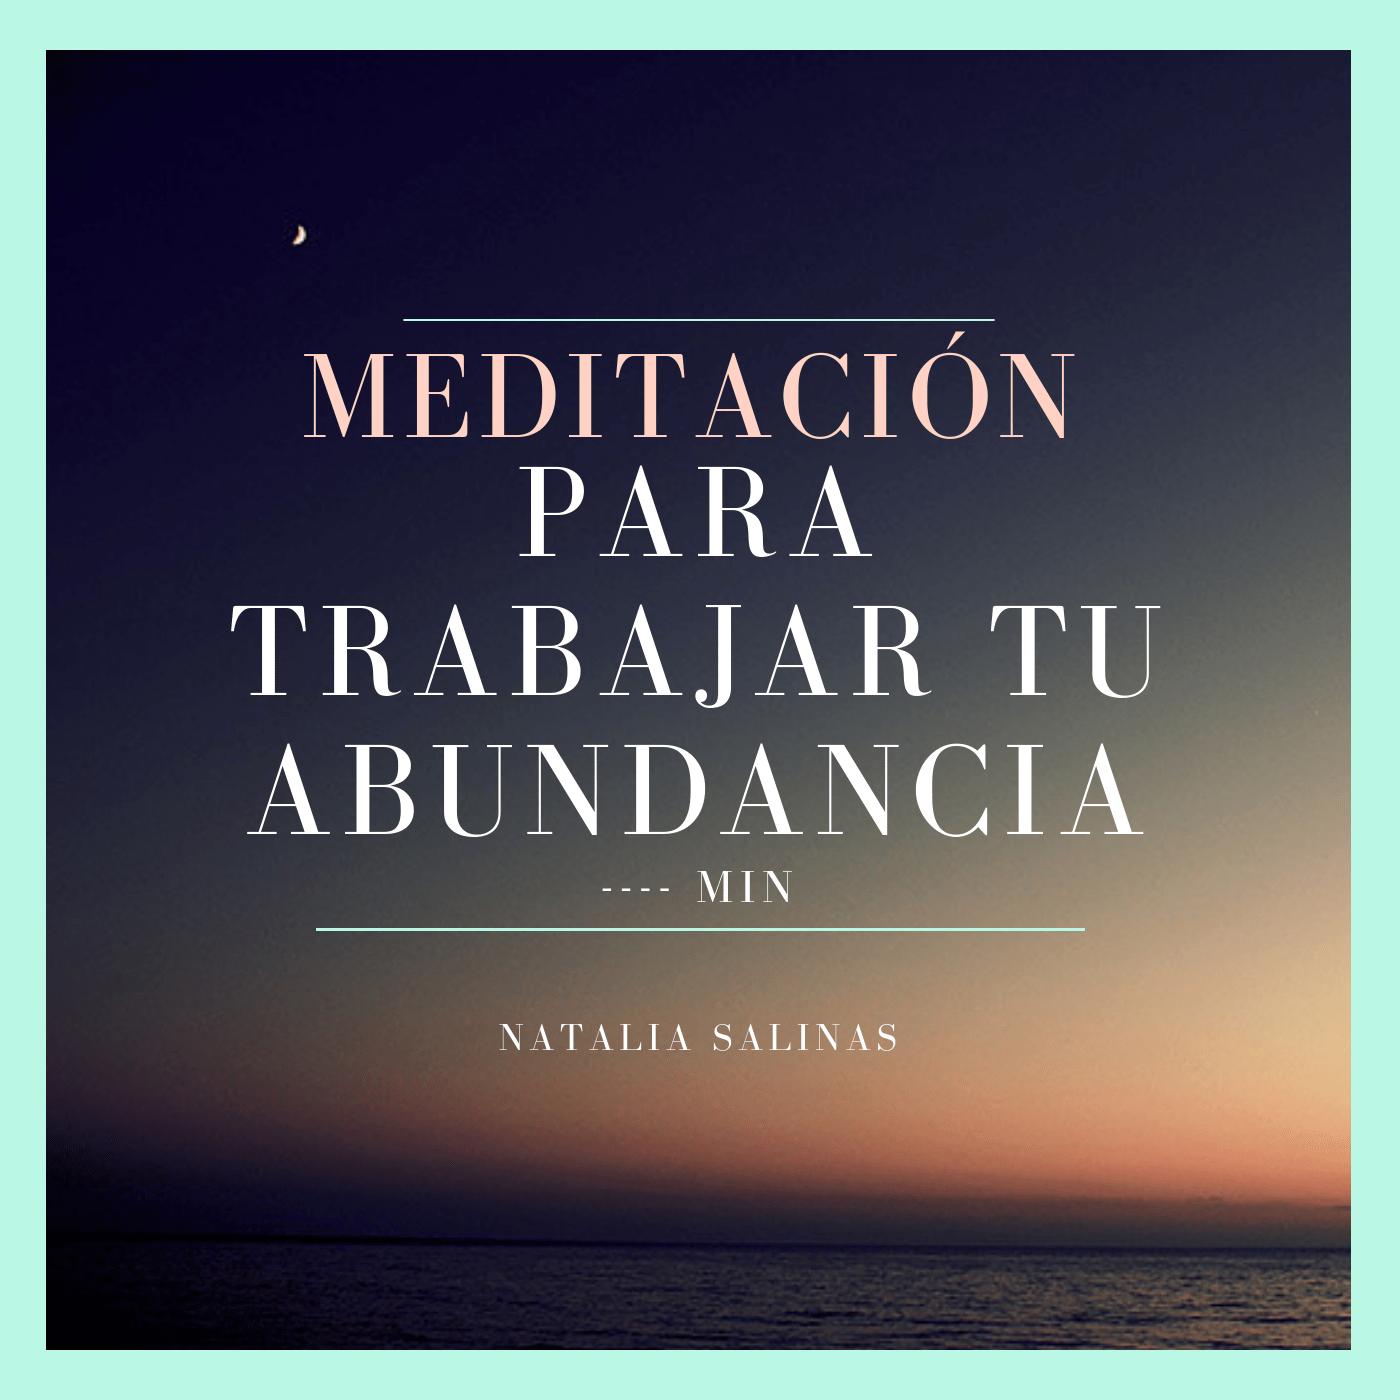 Meditación para trabajar tu abundancia